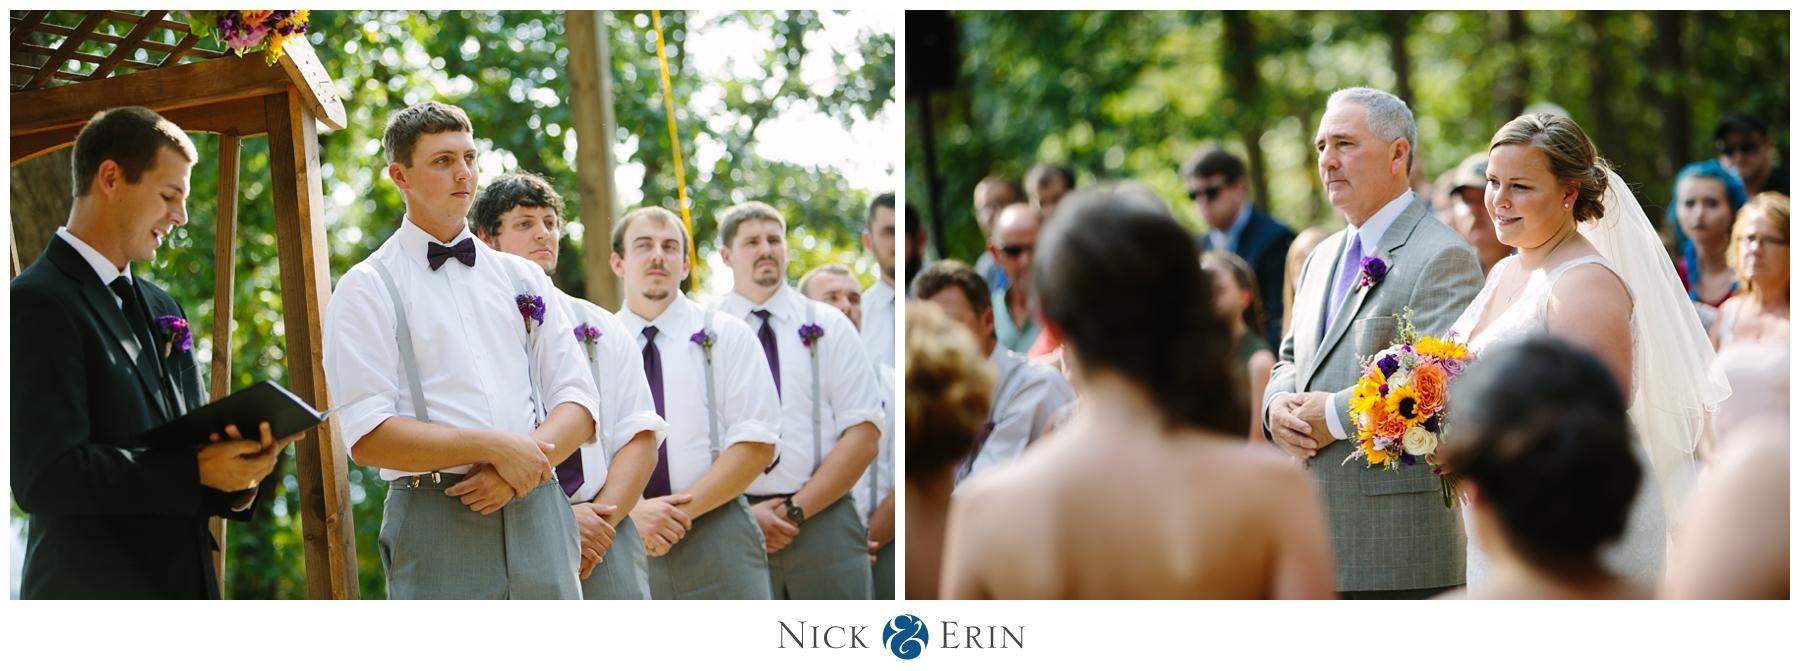 donner_photography_megan-corey-luray-virginia-wedding_0021